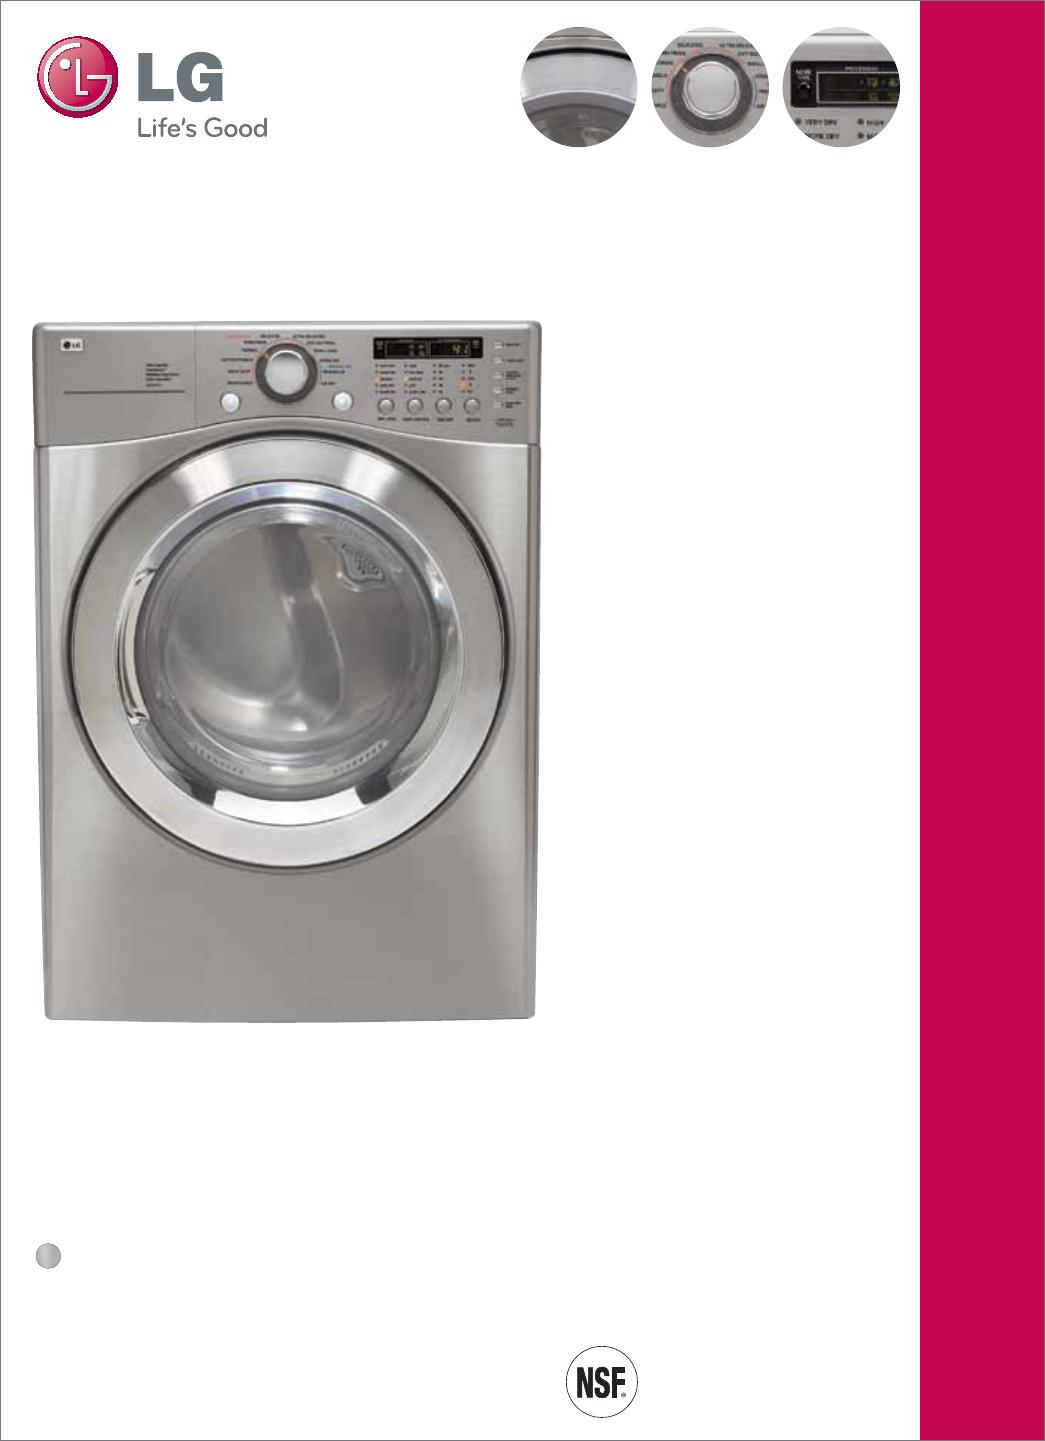 lg electronics clothes dryer dle2701v user guide. Black Bedroom Furniture Sets. Home Design Ideas